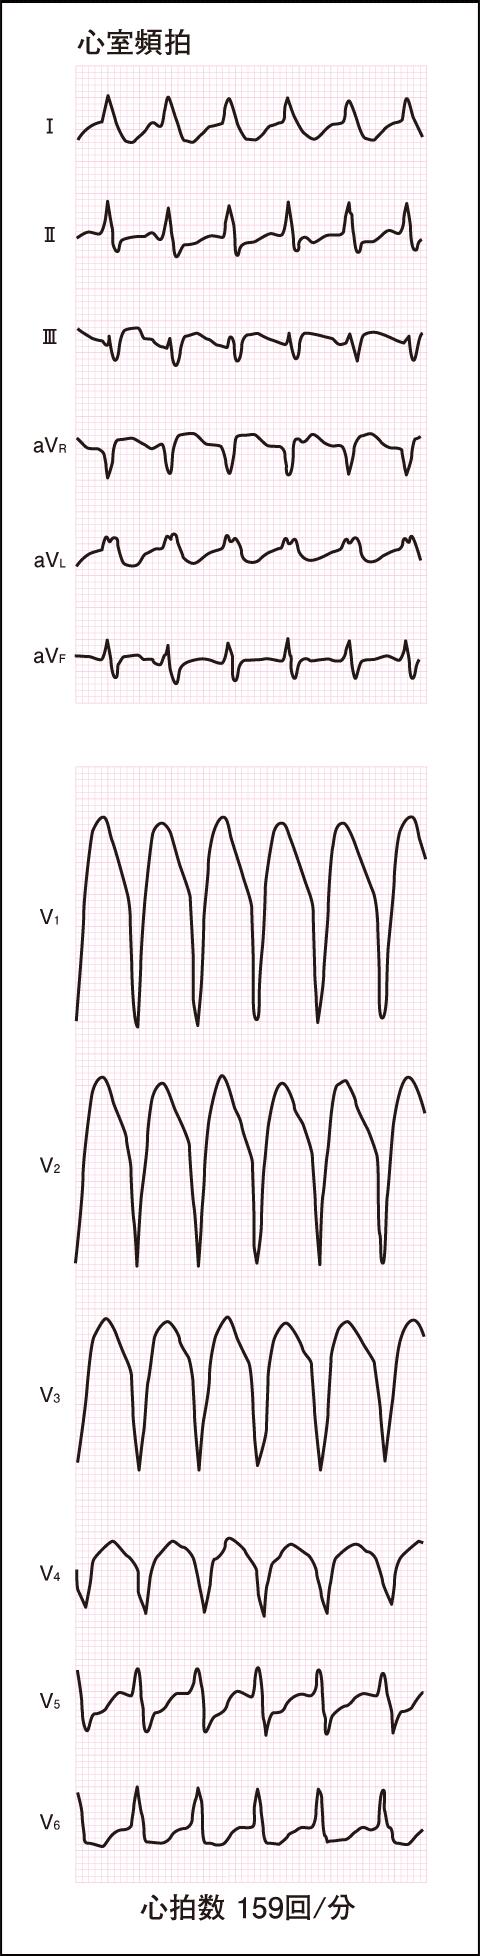 異常な心電図(2)